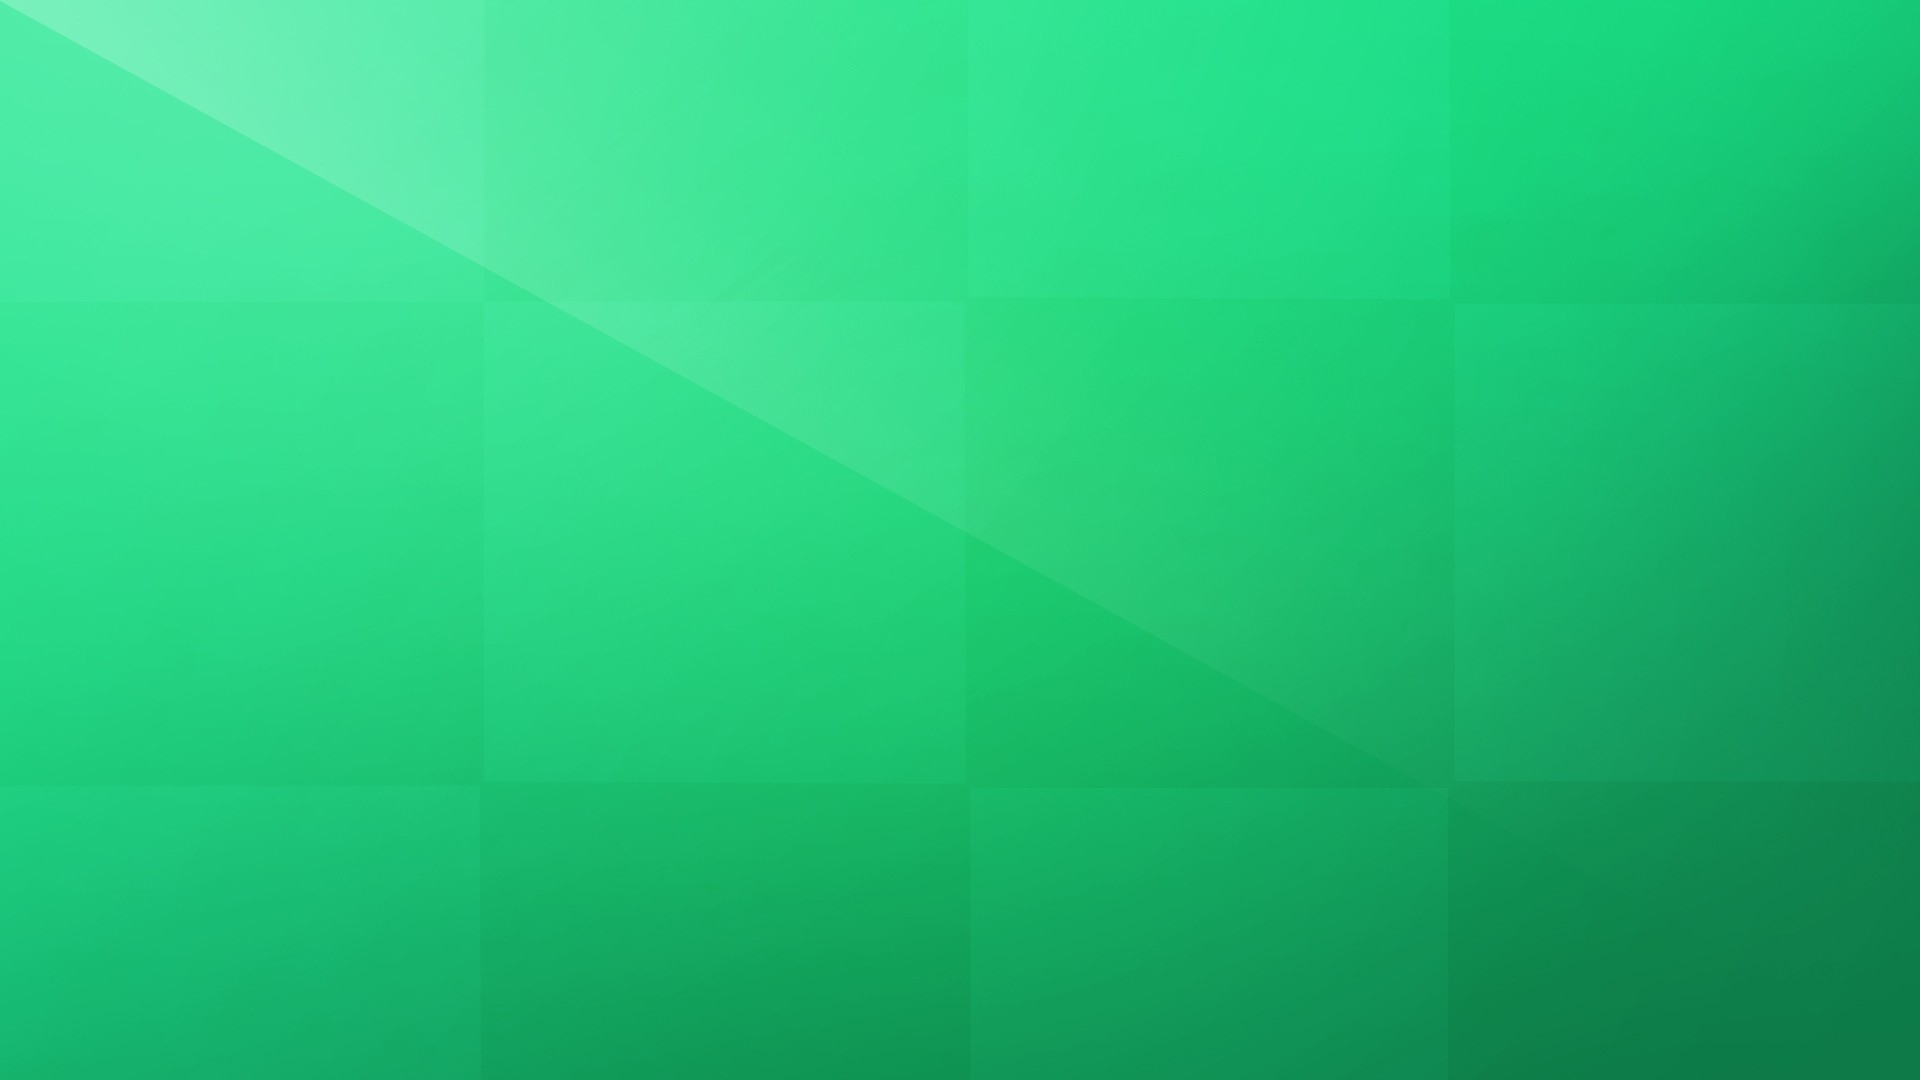 Plain Green Wallpaper - 1920x1080 ...